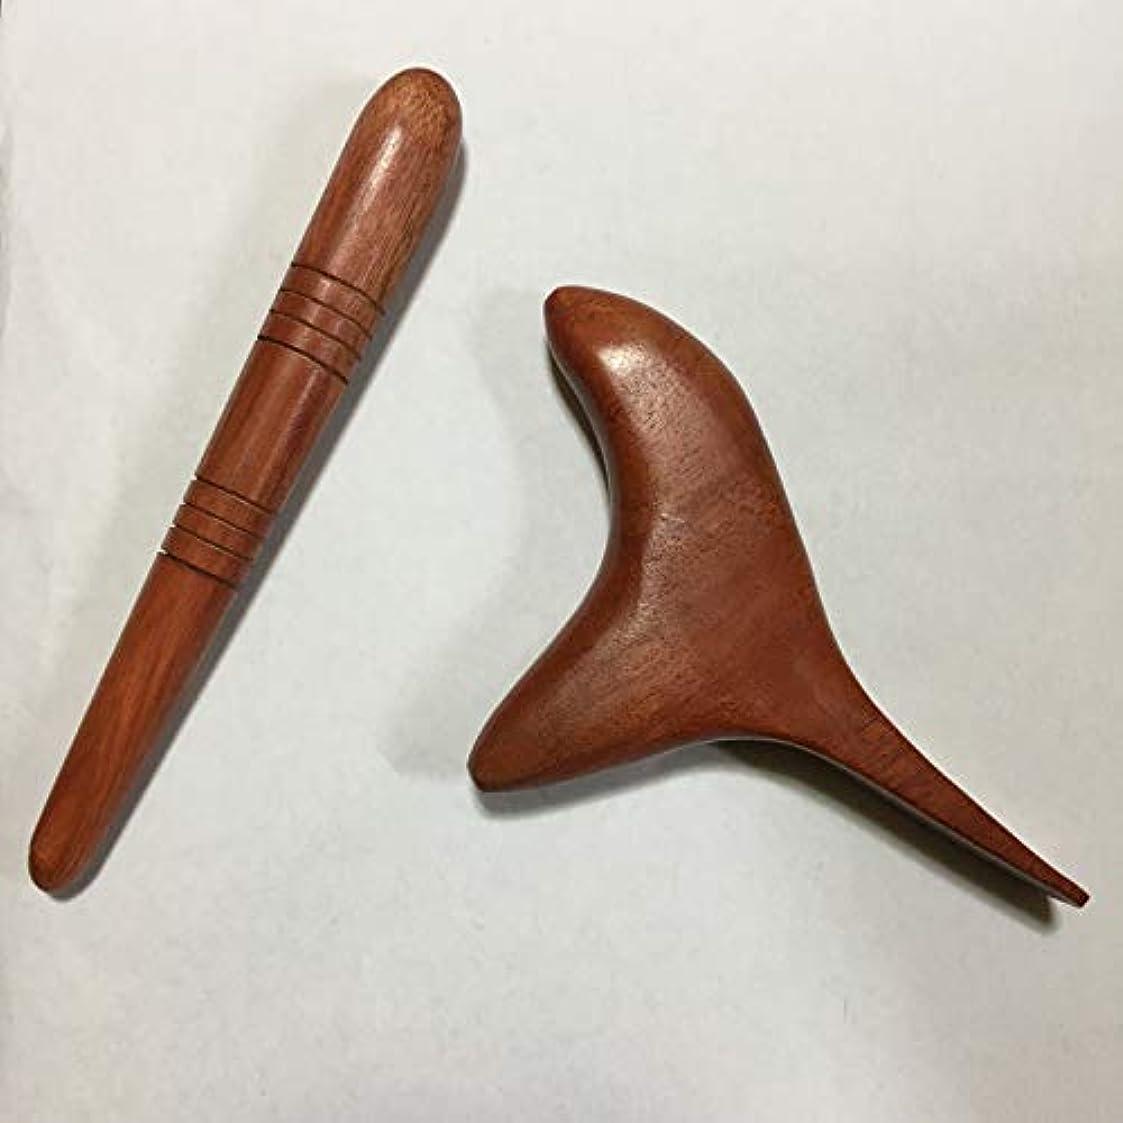 排除する毎週前提天然木 オカリナ型 (鳥型)ツボ押し棒 + 棒型 2点セット マッサージ棒 フットマッサージ リフレクソロジー セルフマッサージ (1)